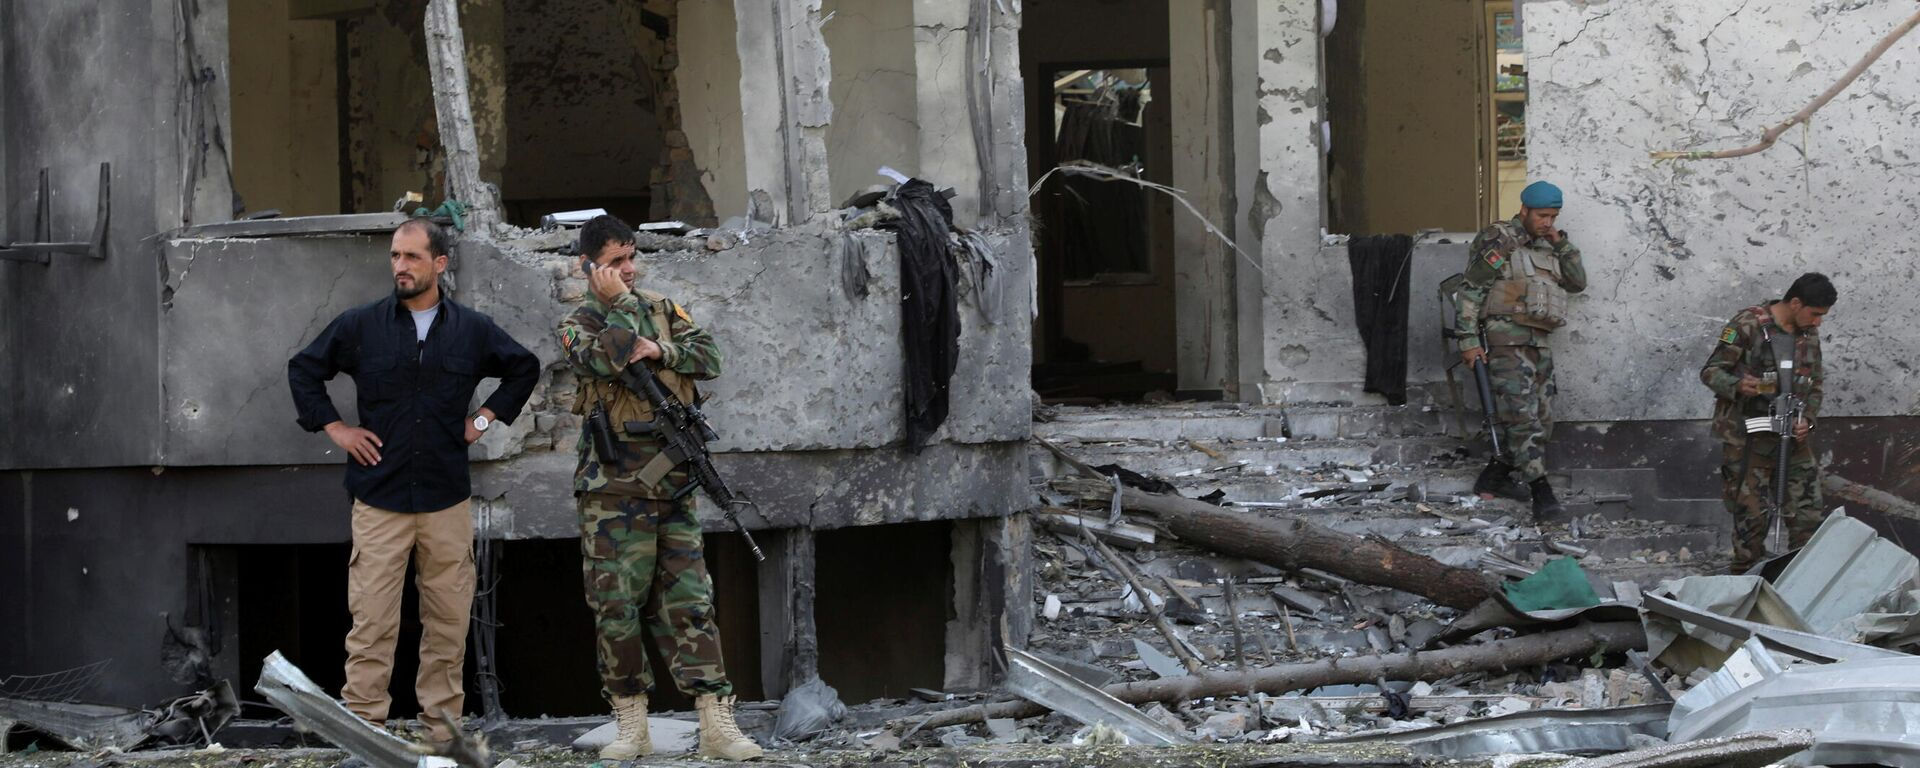 La situación en Kabul, Afganistán, el 4 de agosto de 2021 - Sputnik Mundo, 1920, 12.08.2021